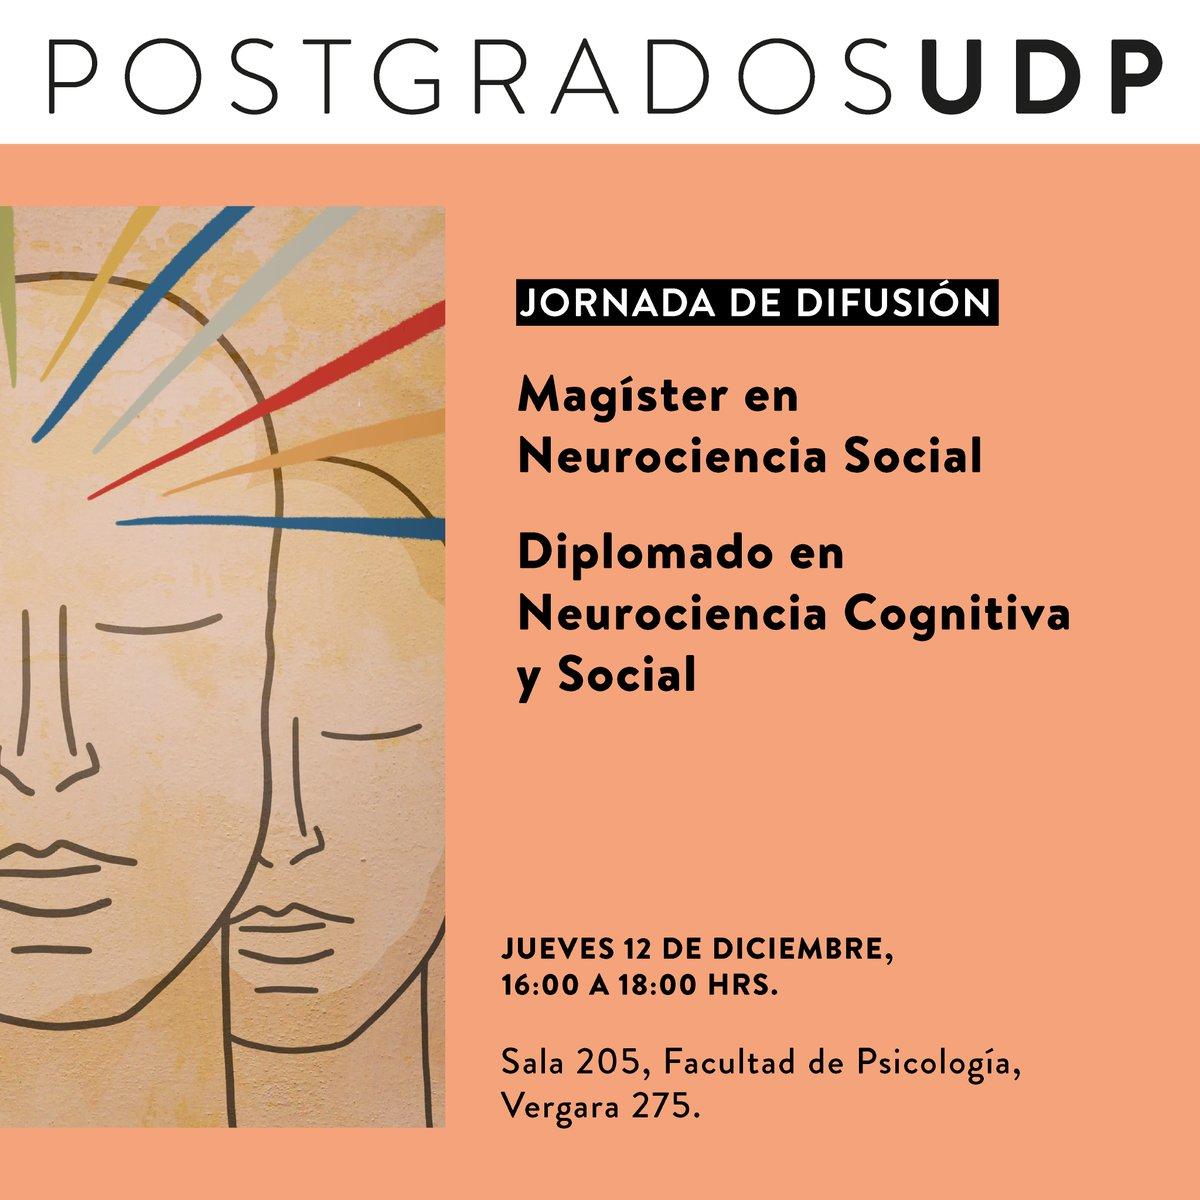 Tendencias en Neurociencia Social 12 de diciembre, 16:00 hrs. Actividad gratuita.  Información, cronograma e inscripciones:   #Neurociencia #NeurocienciaSocial #Psicología #Neuropsicología